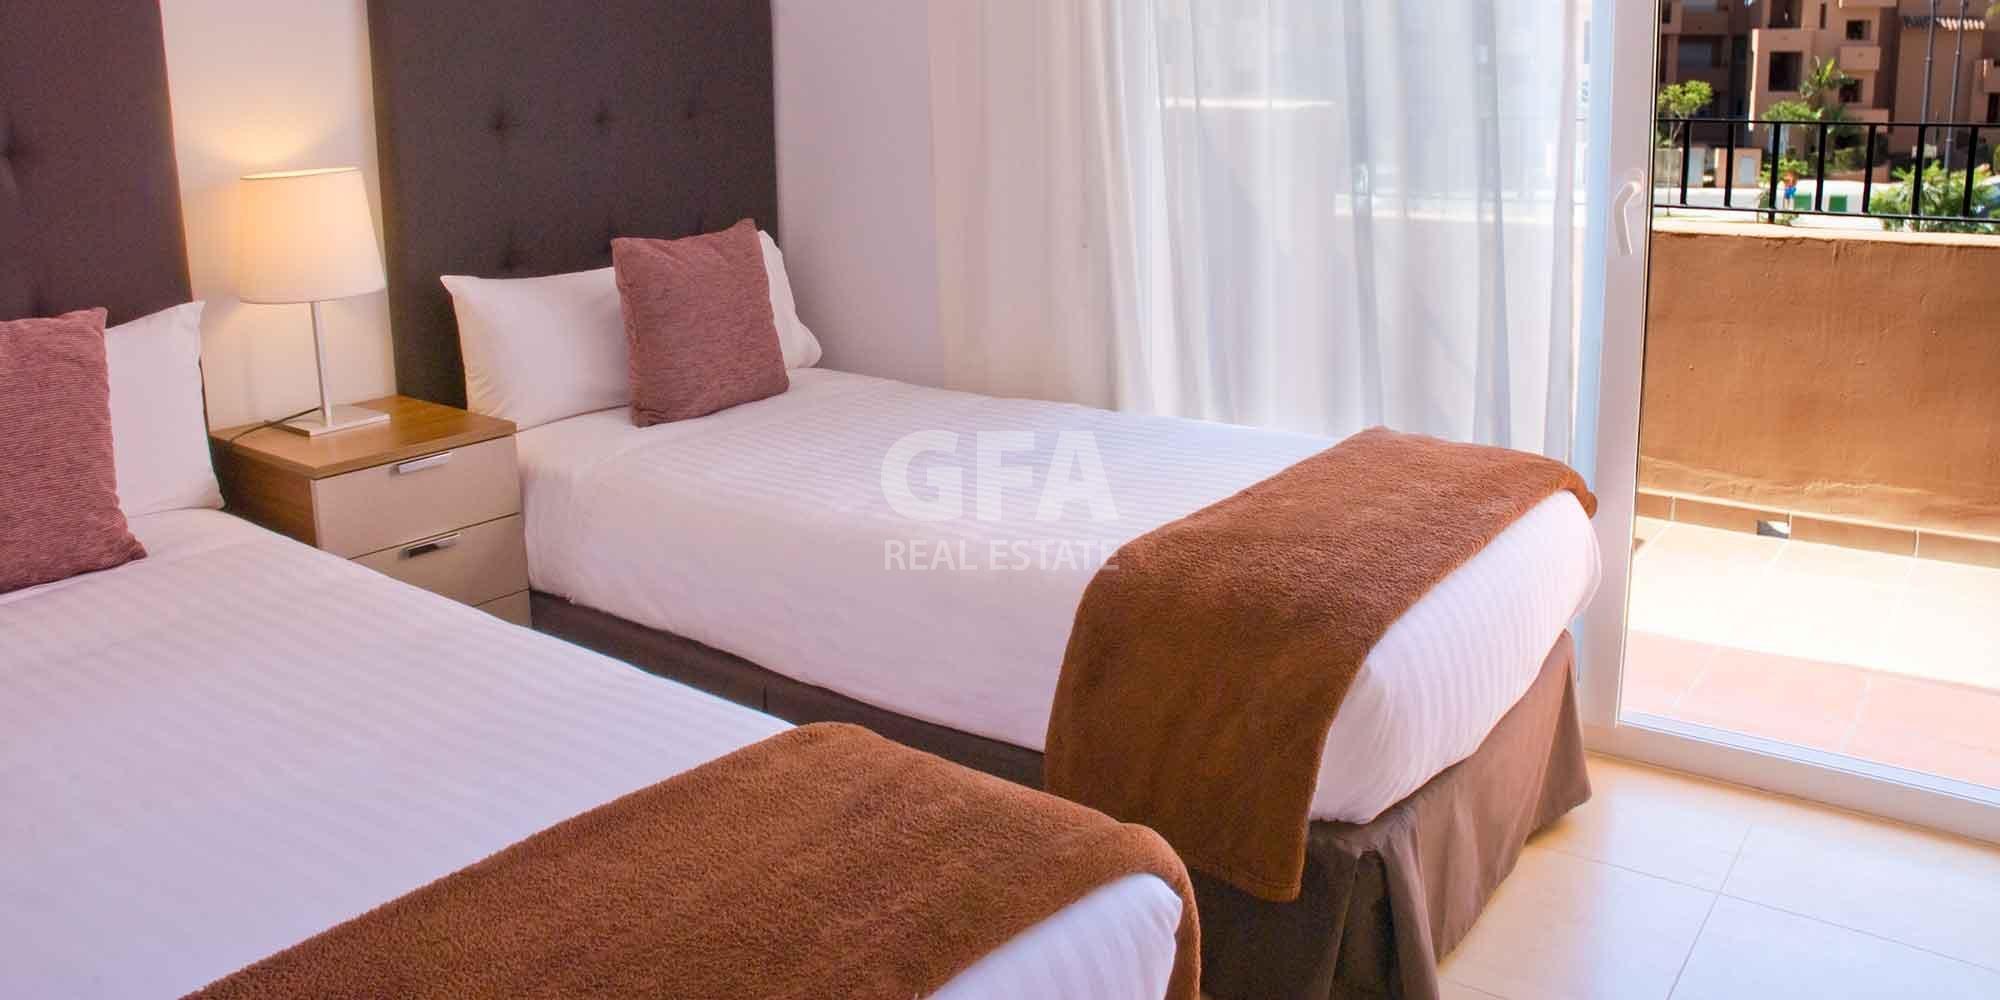 Residencial obra nueva Mar Menor Golf Resort habitación